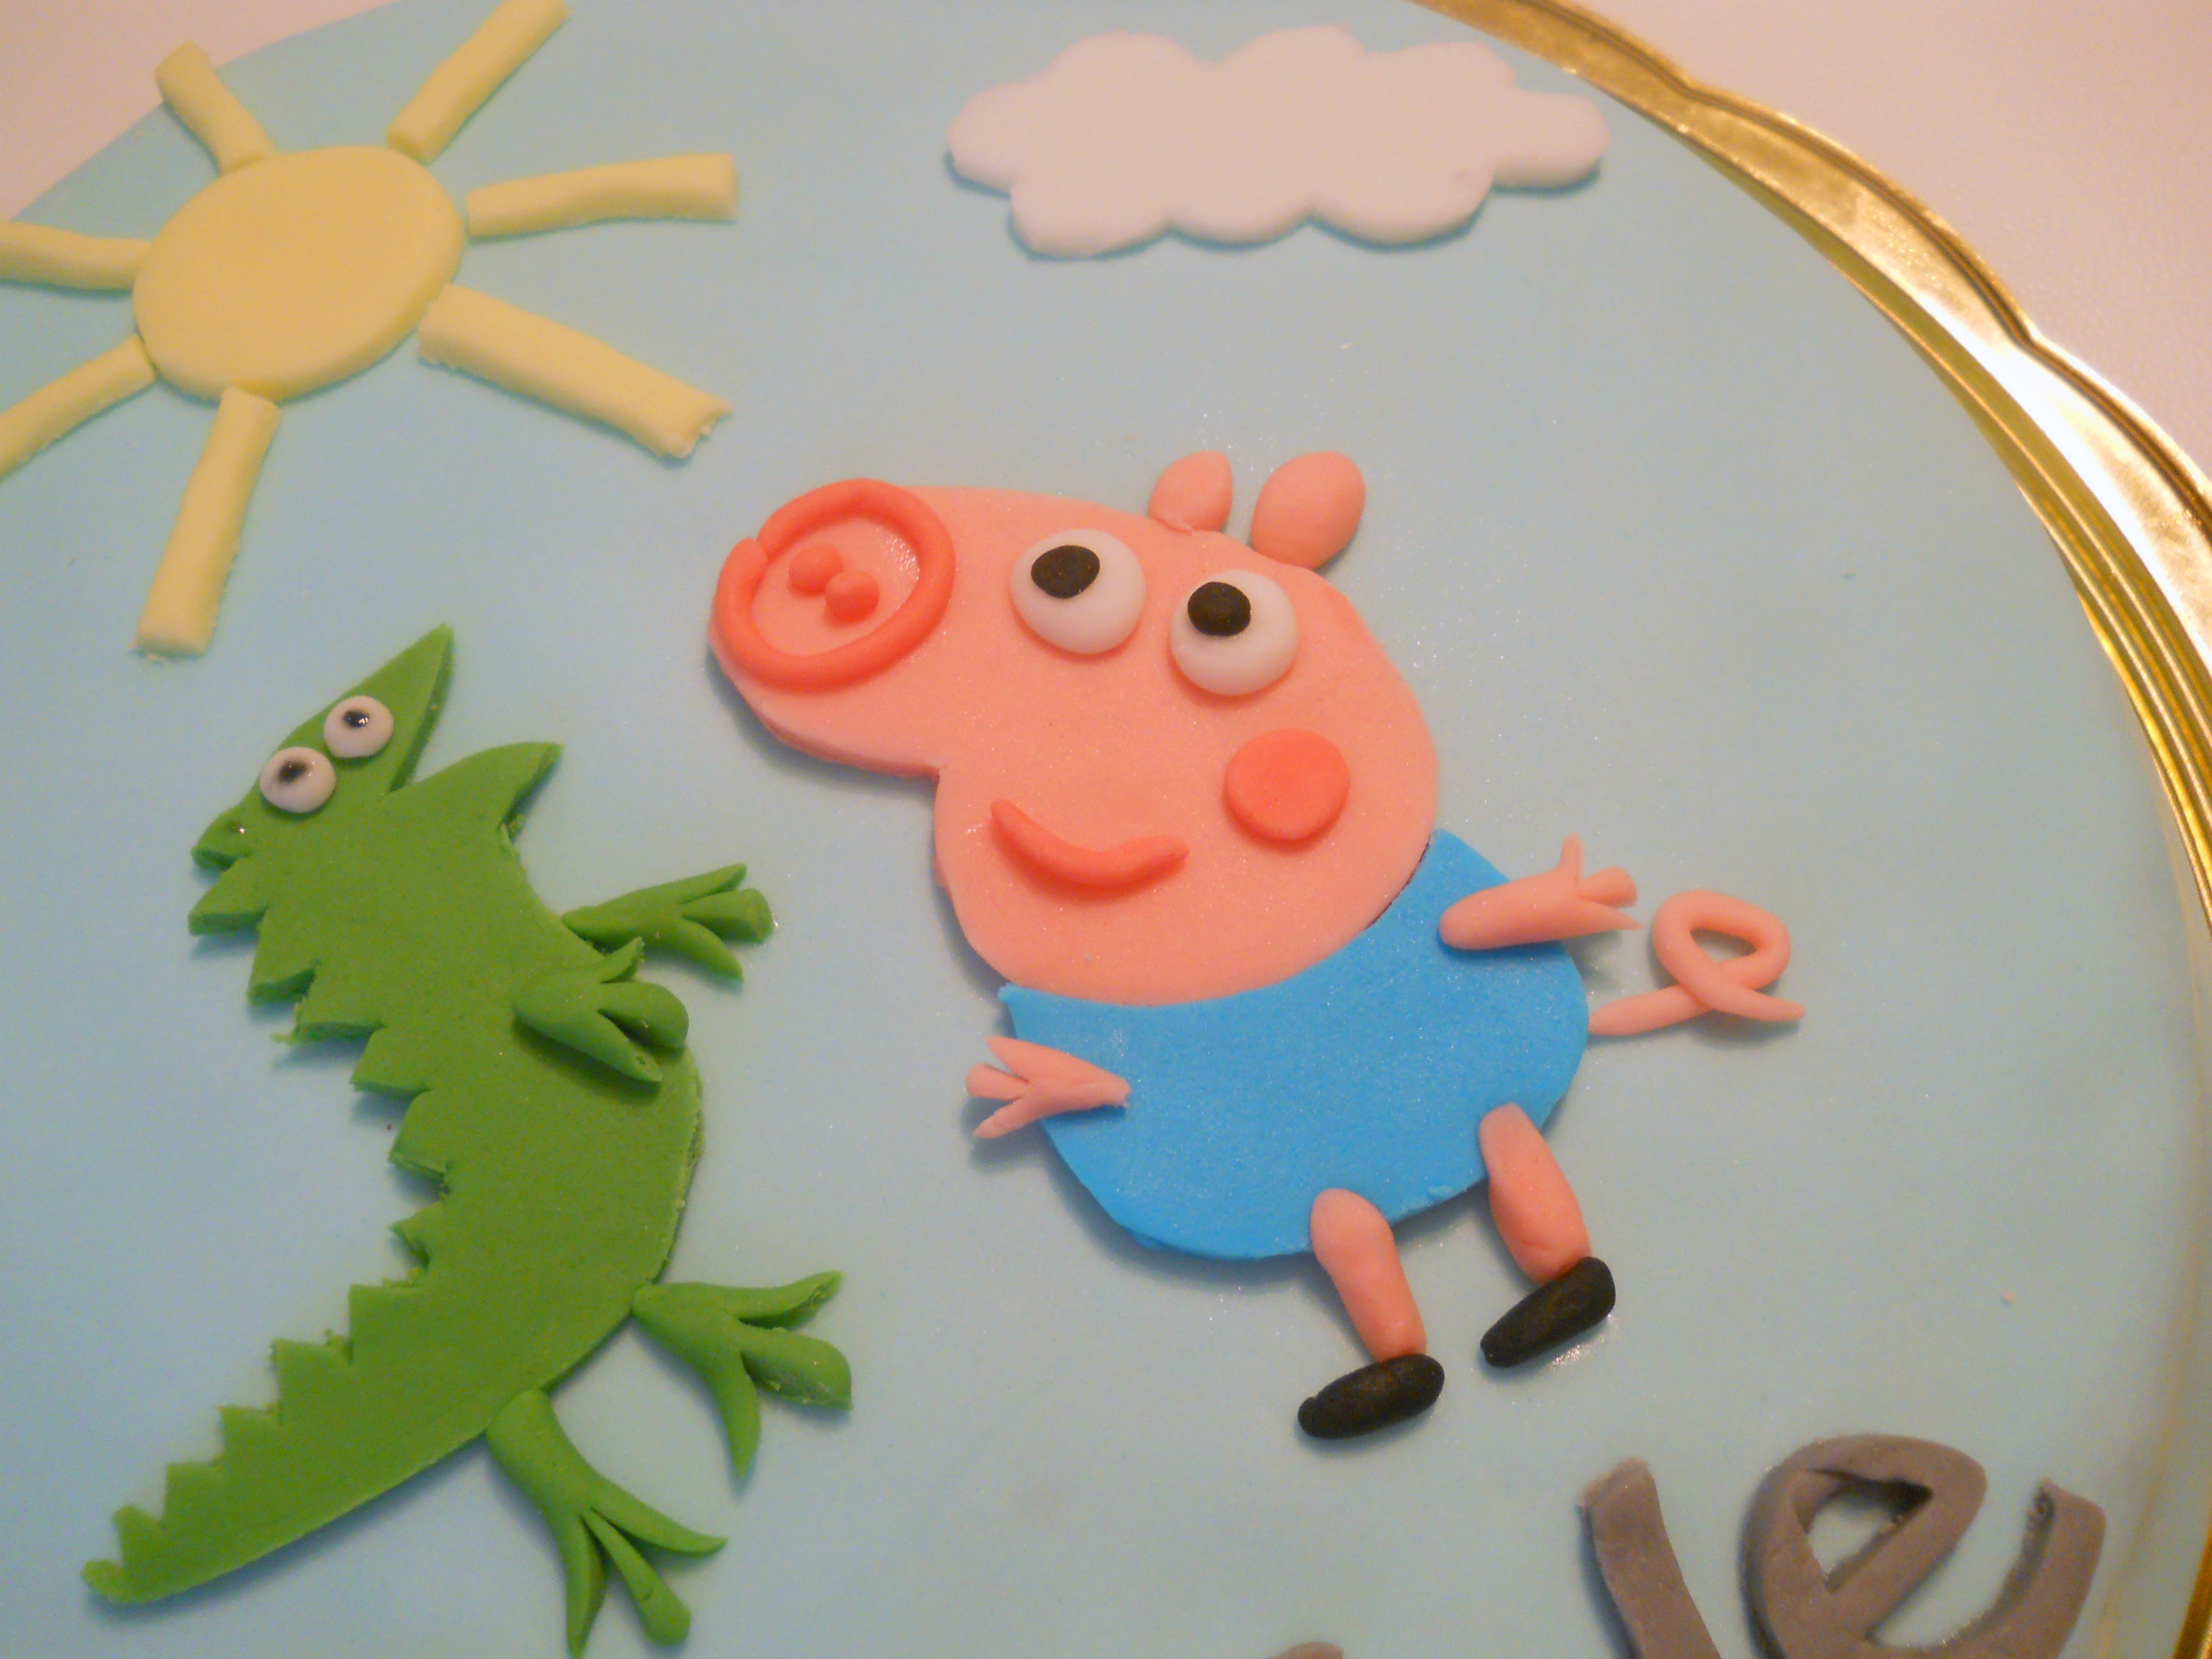 Torta George Pig Pdz Immagini Torta Peppa Pig Il Blog Di Semi Di